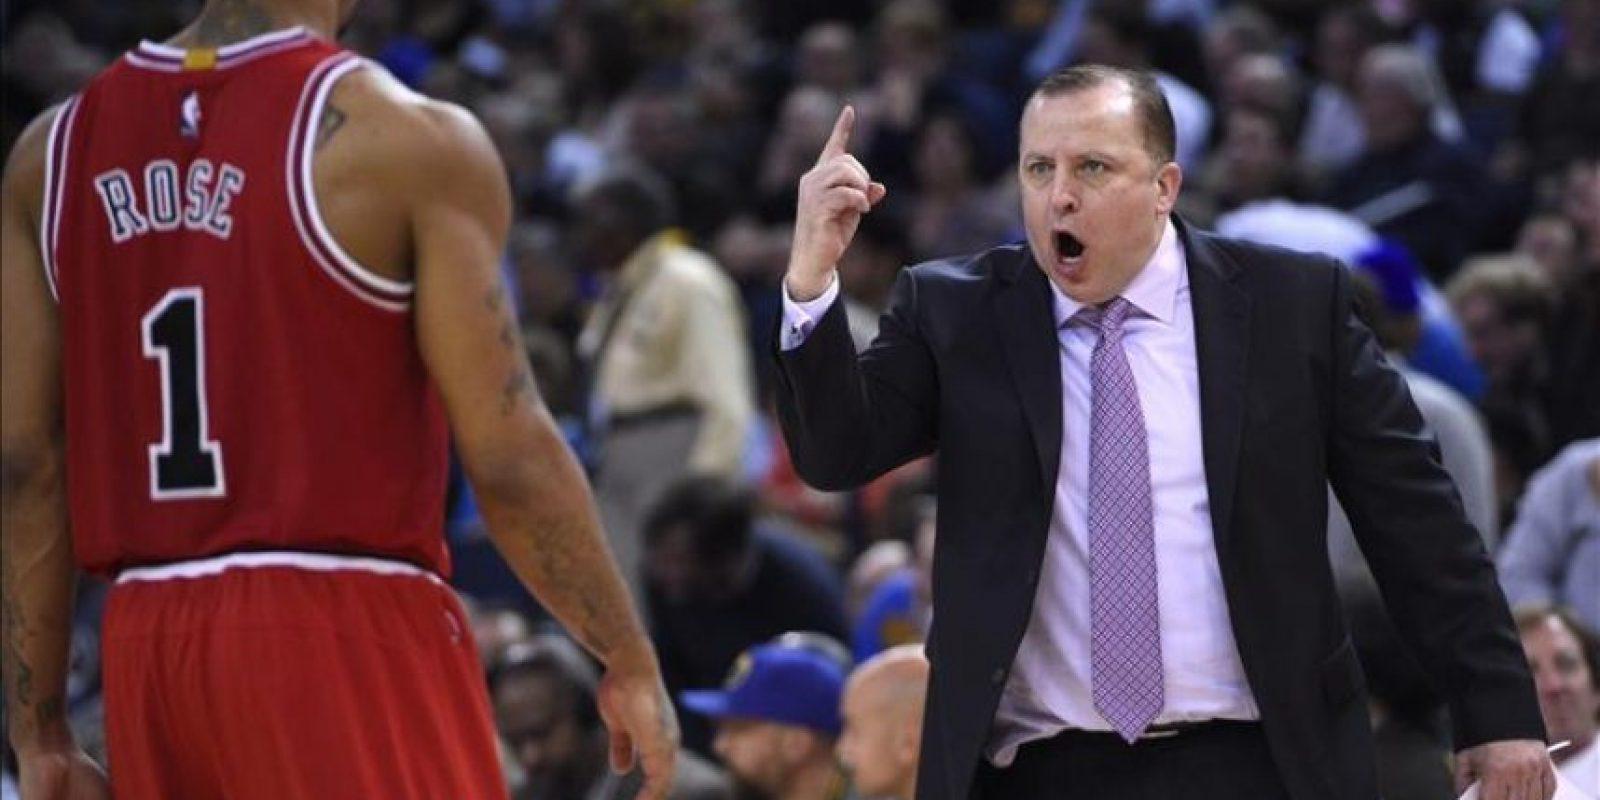 El entrenador de los Bulls, Tom Thibodeau, da instrucciones a sus jugadores durante el partido de la NBA que enfrentó a los Chicago Bulls y a los Golden State Warriors en el Oracle Arena en Oakland (Estados Unidos). EFE